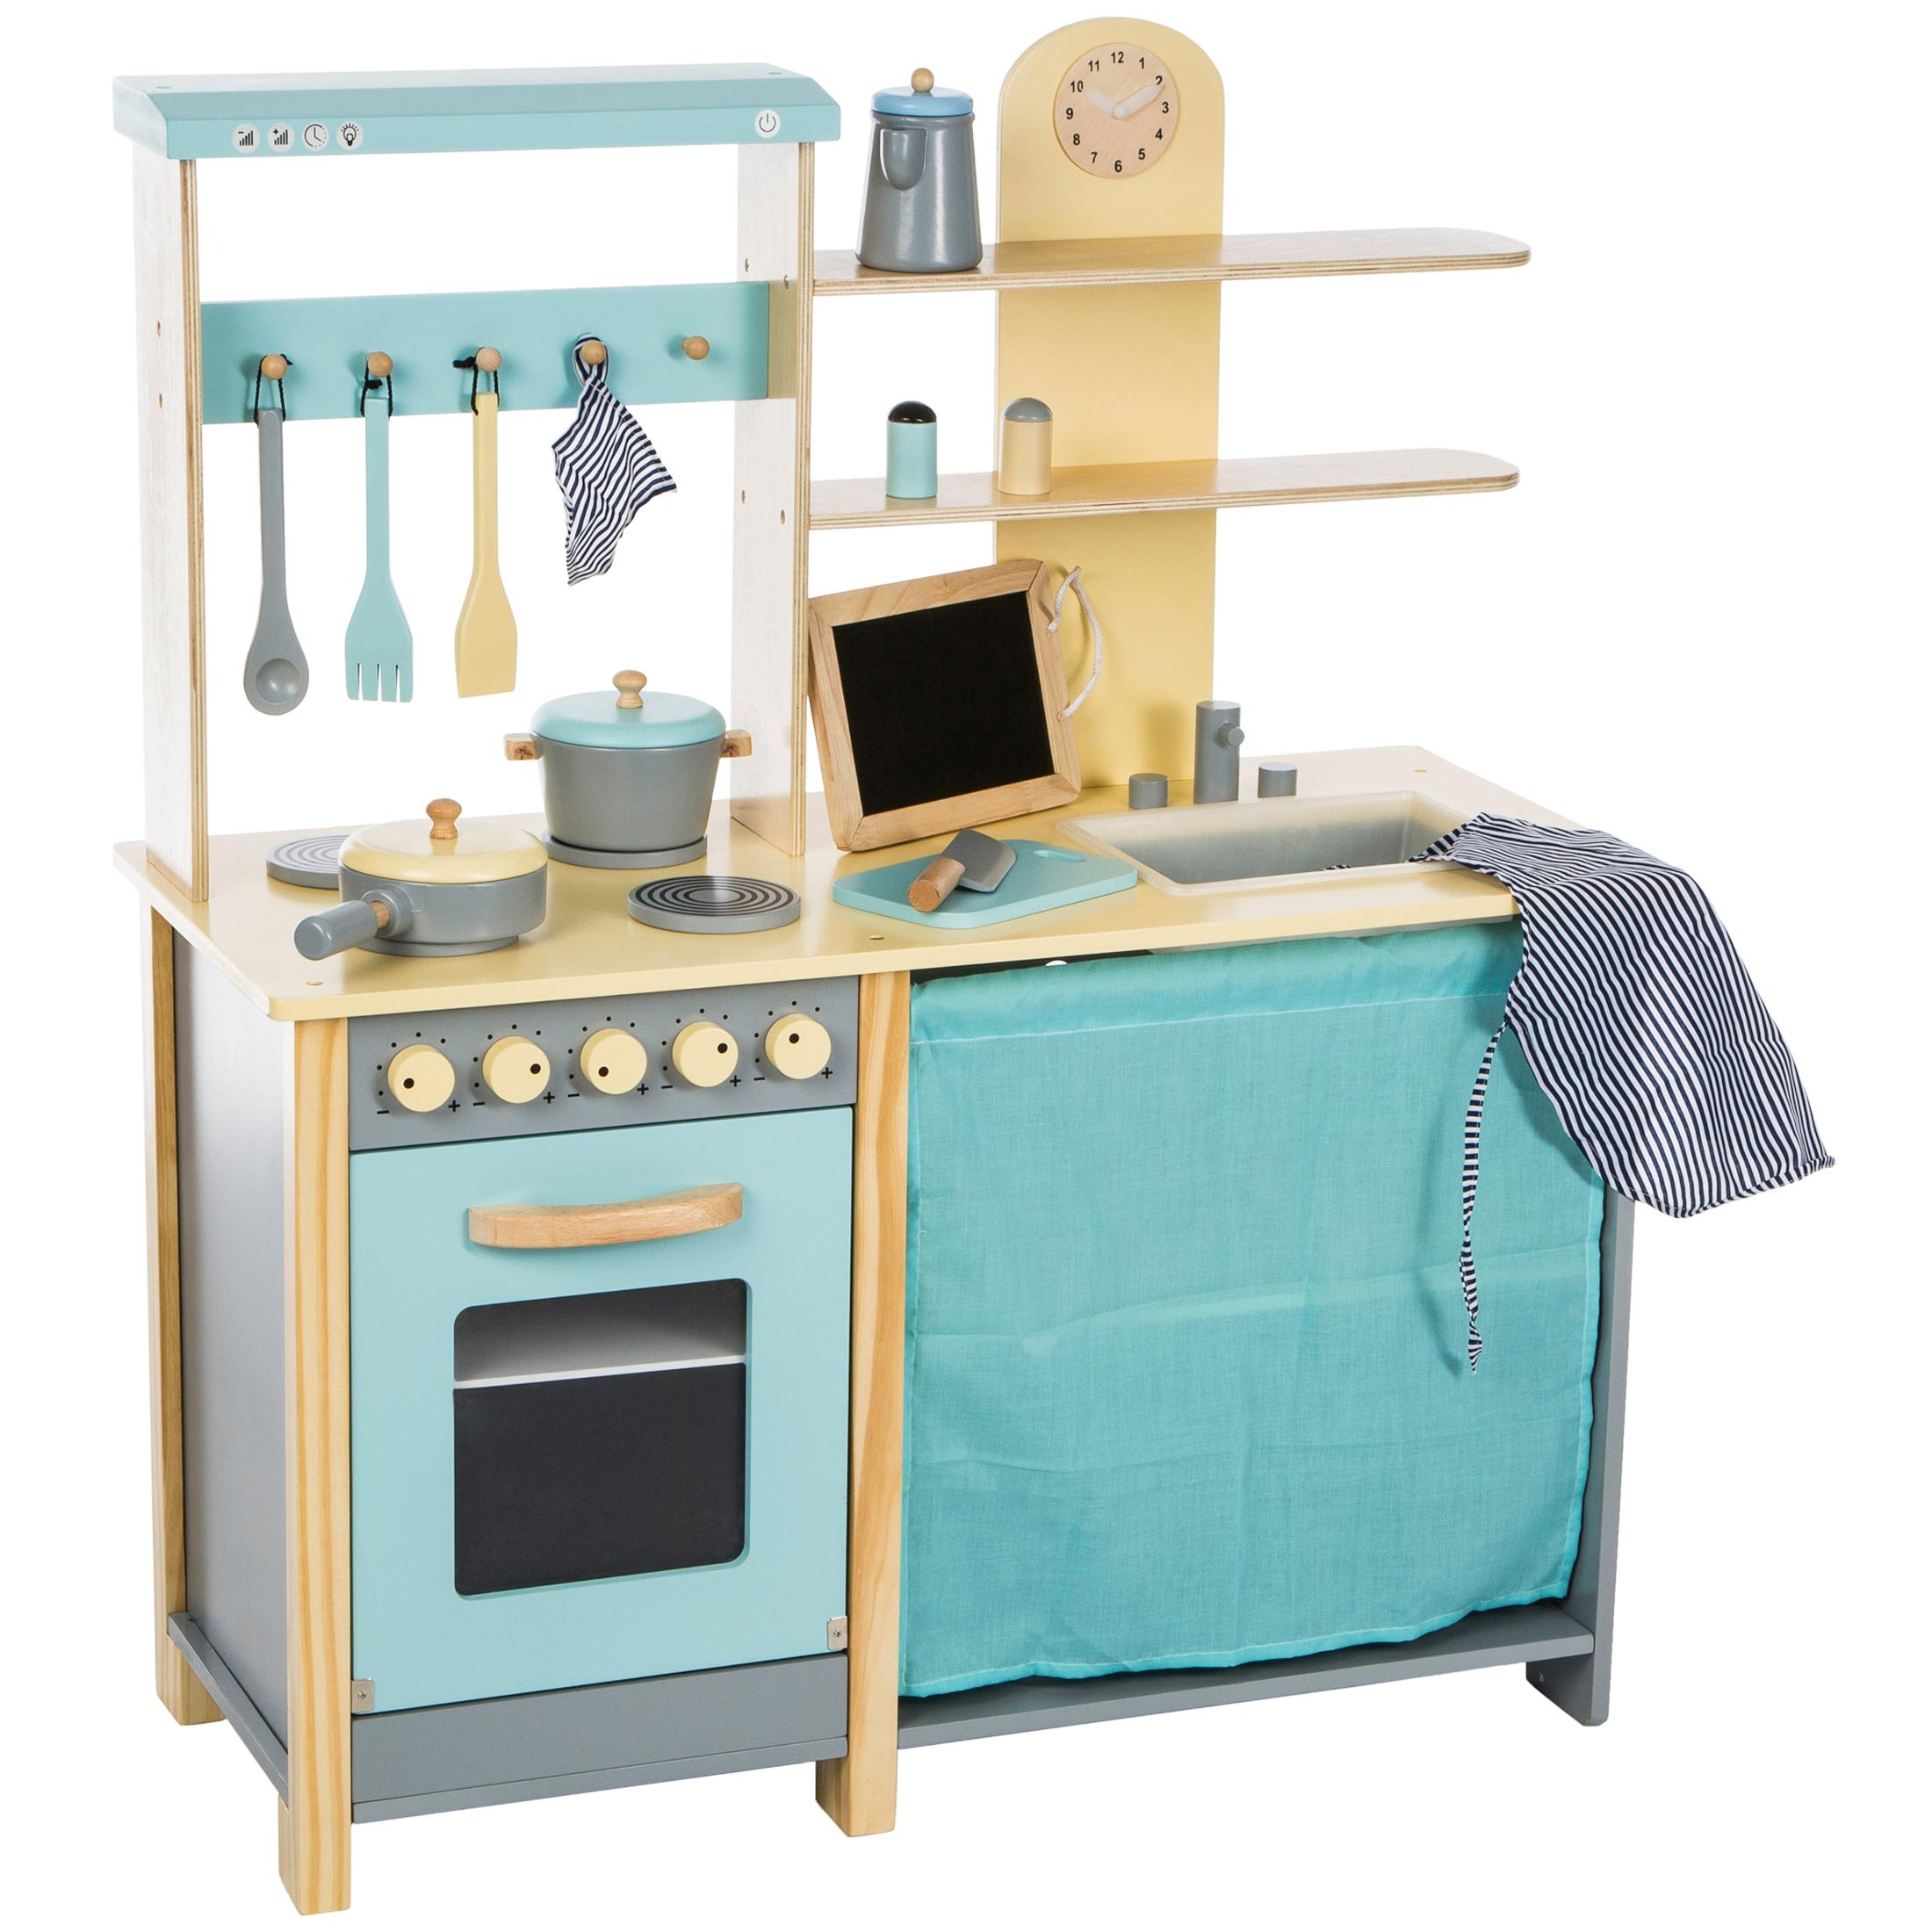 Ultrakidz cucina giocattolo comfort in legno naturale grande giochi e giocattoli - Cucine giocattolo ...